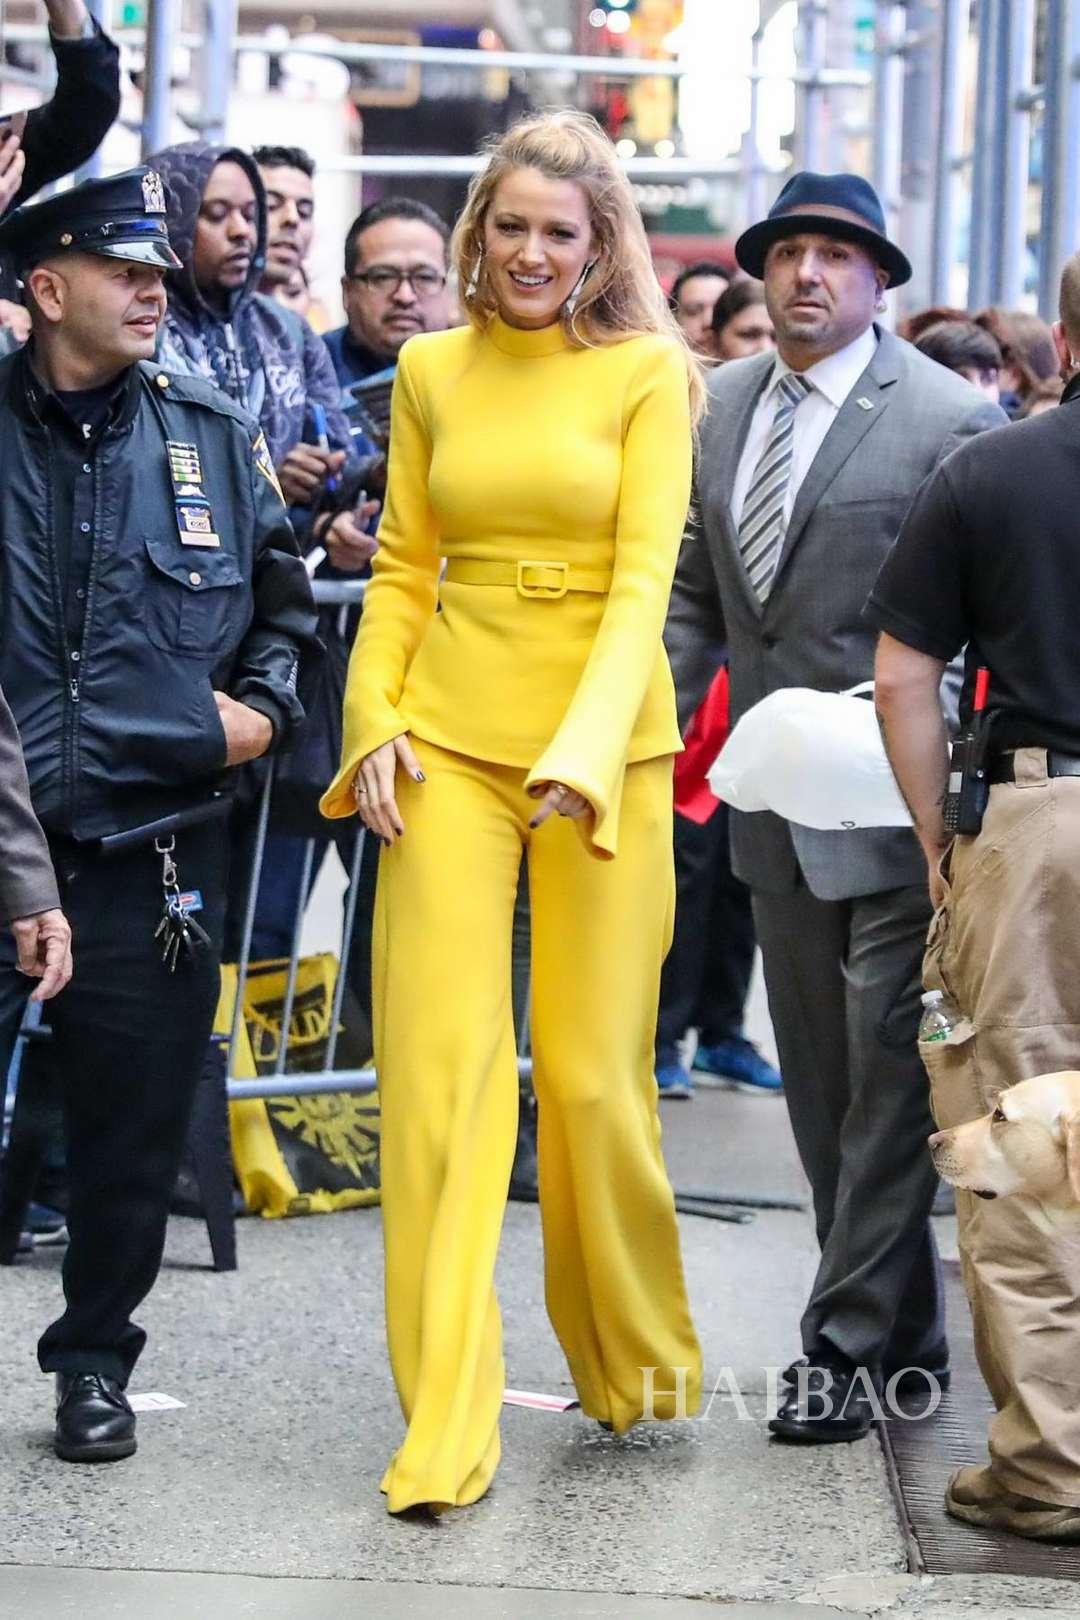 20 khoảnh khắc street style khiến bạn muốn mặc monochrome gam màu nổi ngay bây giờ